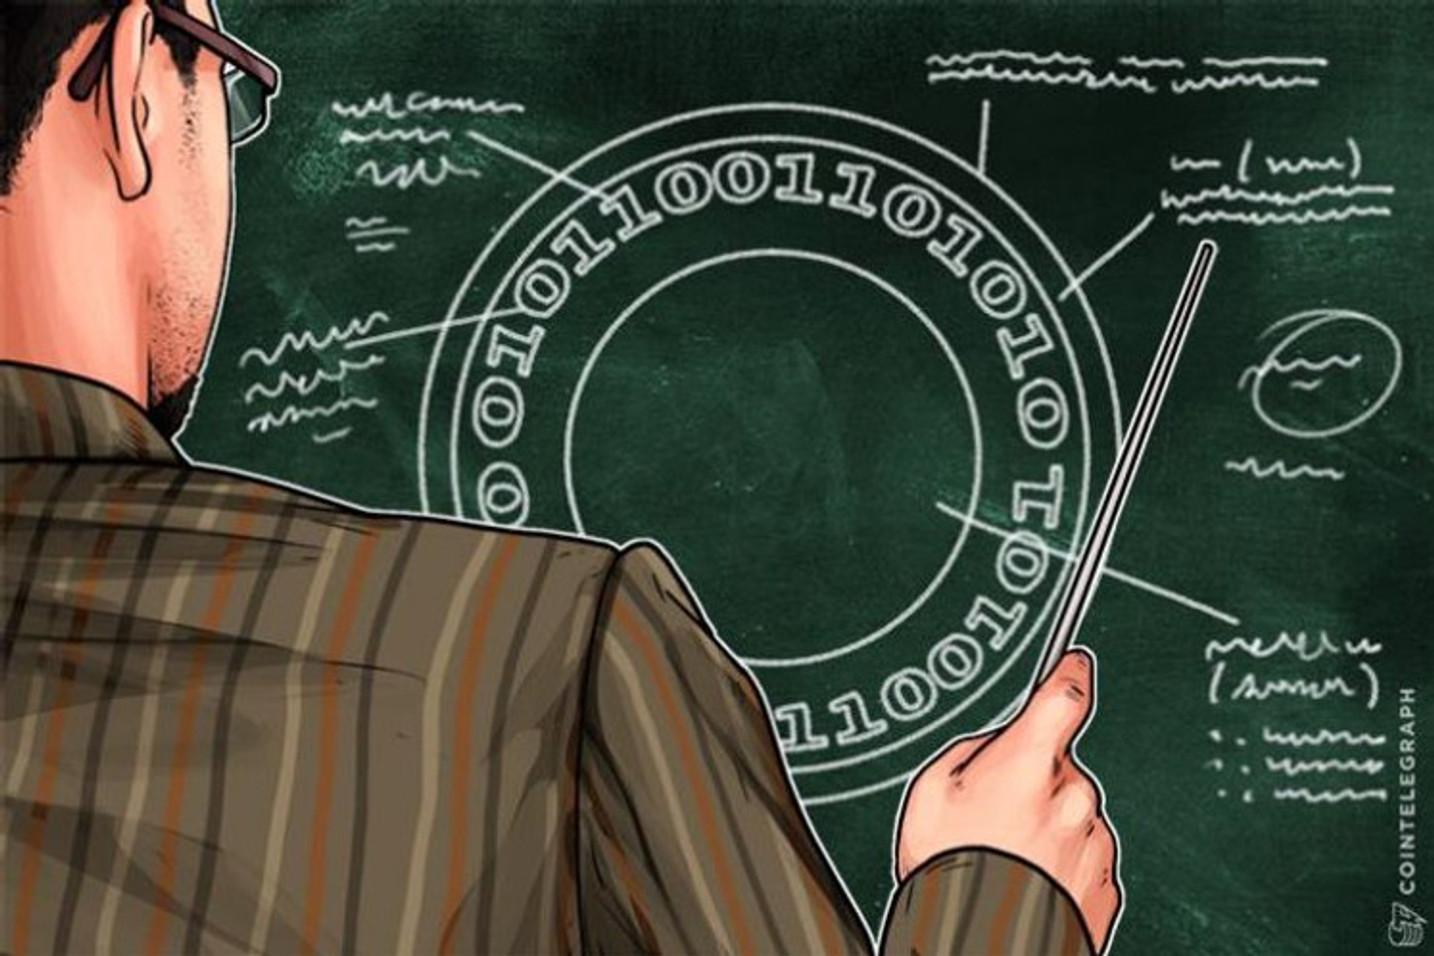 Ponen a disposición del presidente de El Salvador la criptomoneda educativa EDUCoin